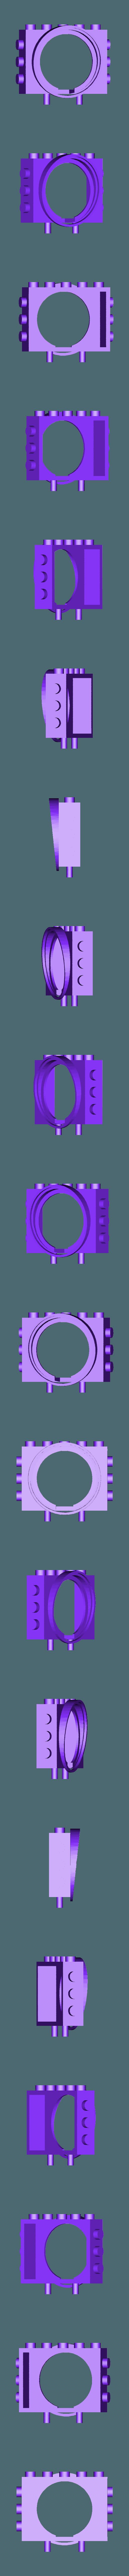 HeadB.stl Télécharger fichier STL gratuit VOITURE • Objet imprimable en 3D, choimoni